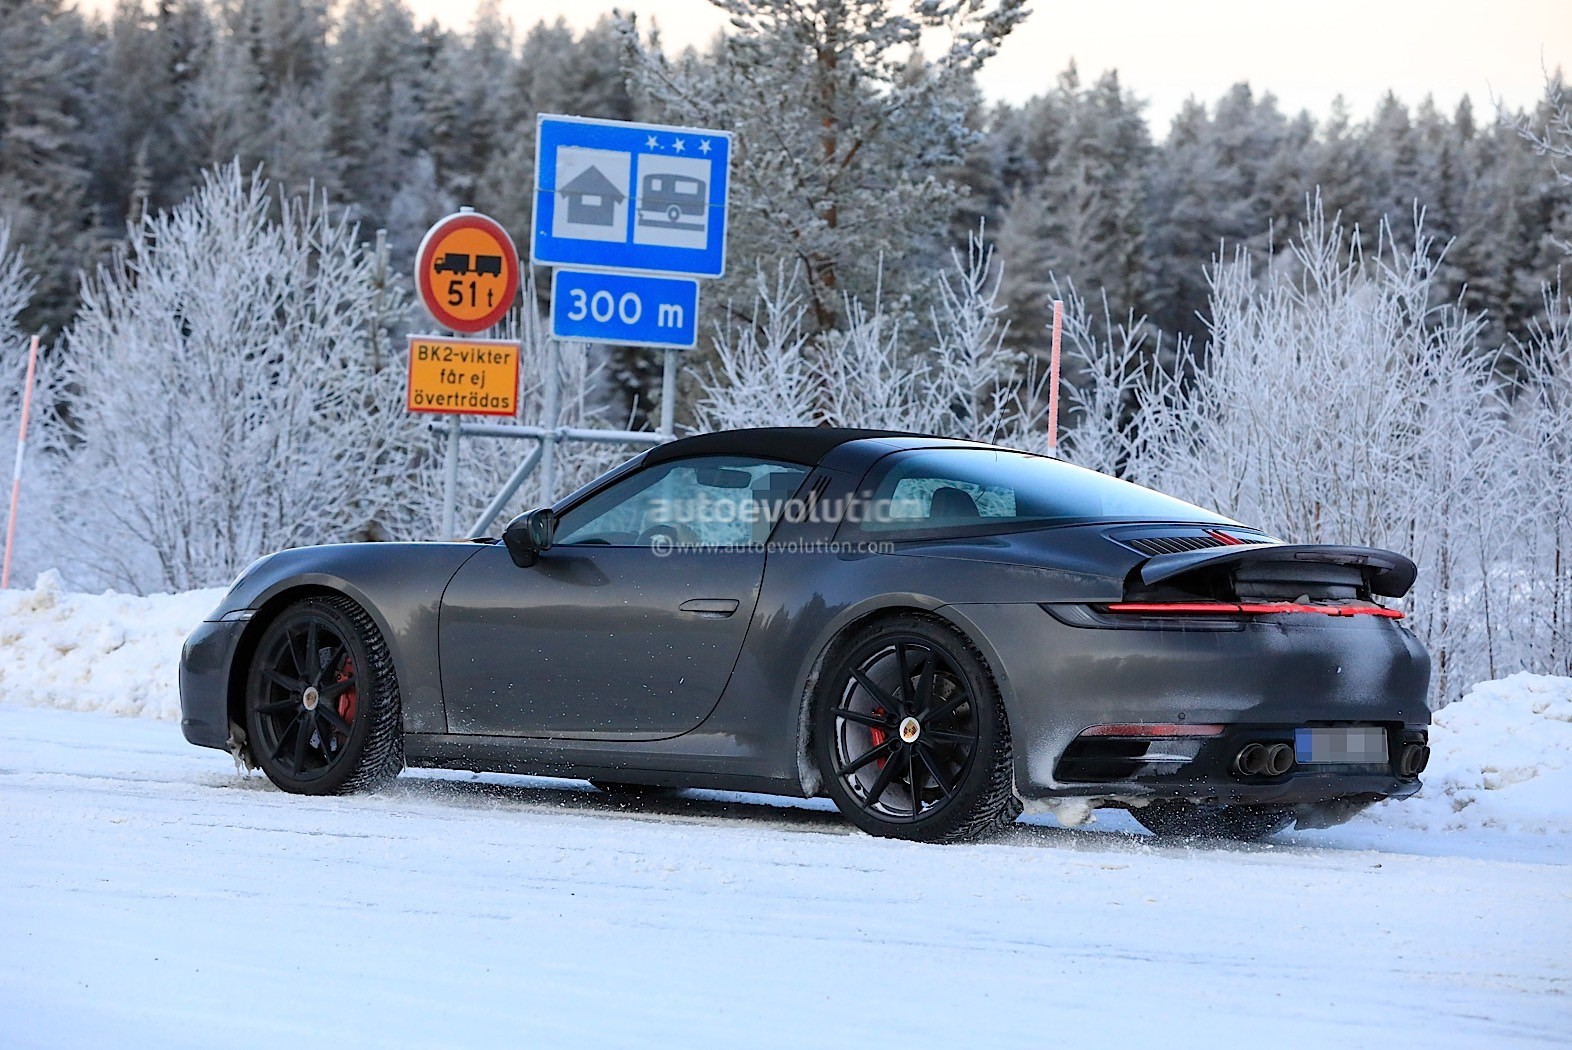 2020 Winter Solstice.2020 Porsche 911 Targa Prototype Sunbathing In Sweden Ahead